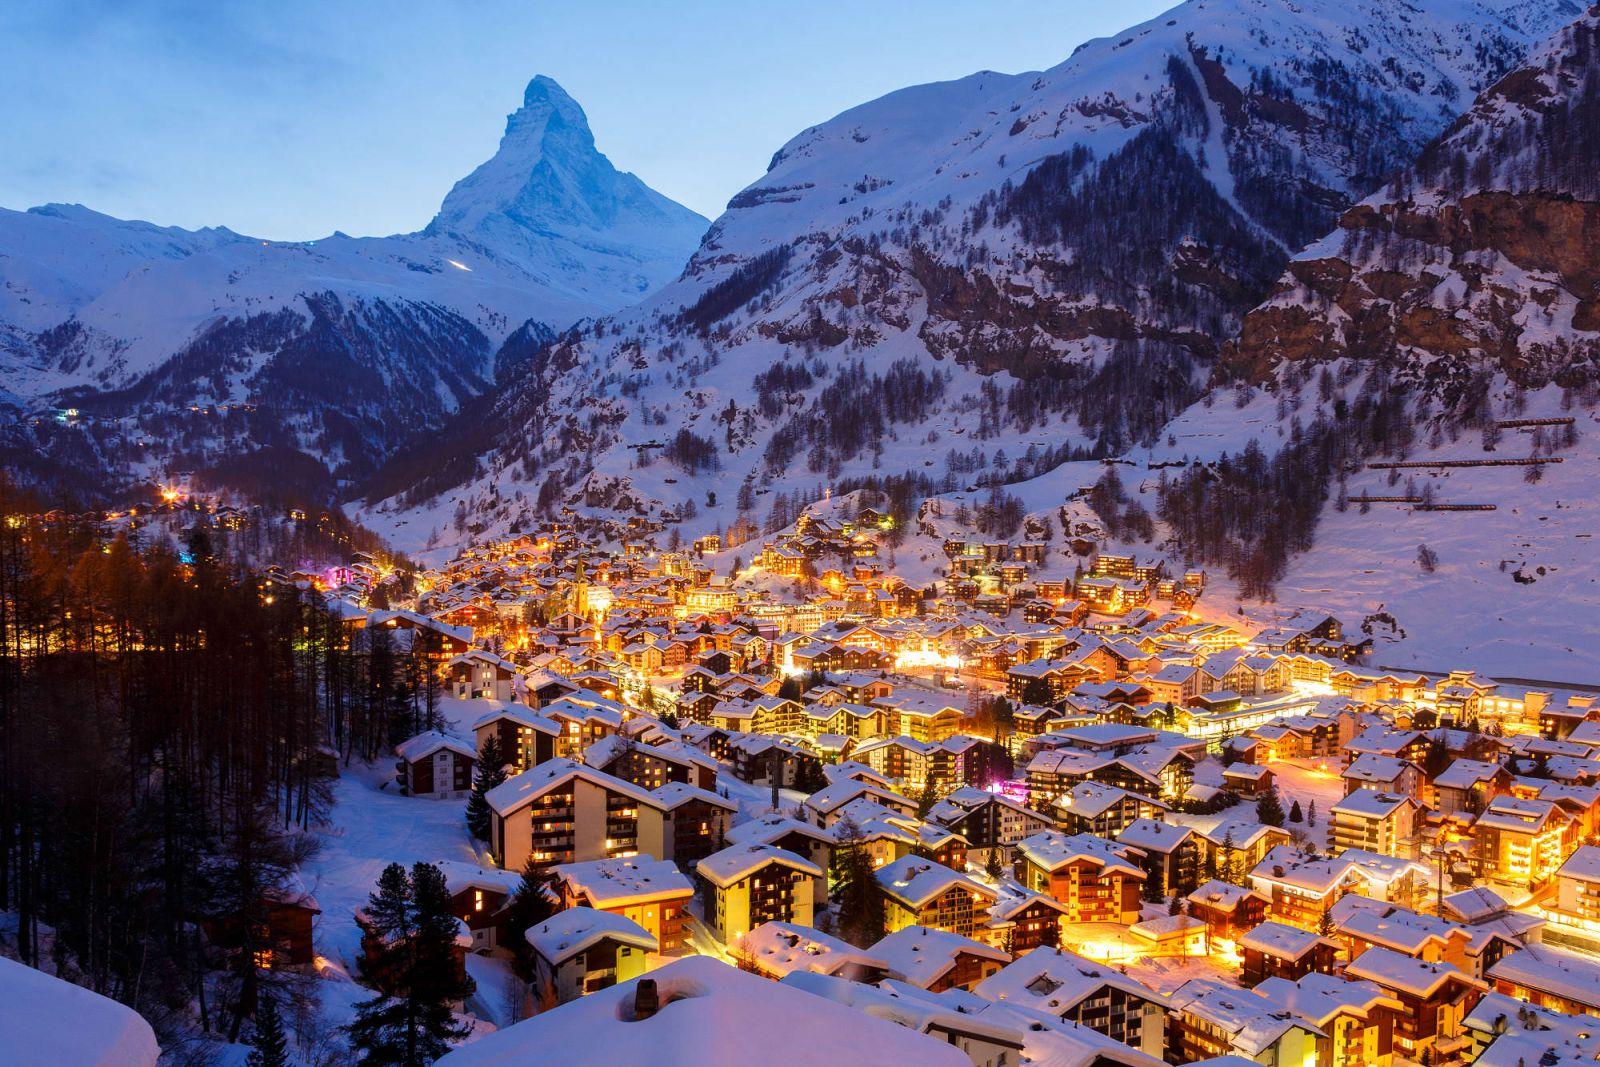 Ngôi làng Zermatt, Thụy Sĩ chìm trong tuyết